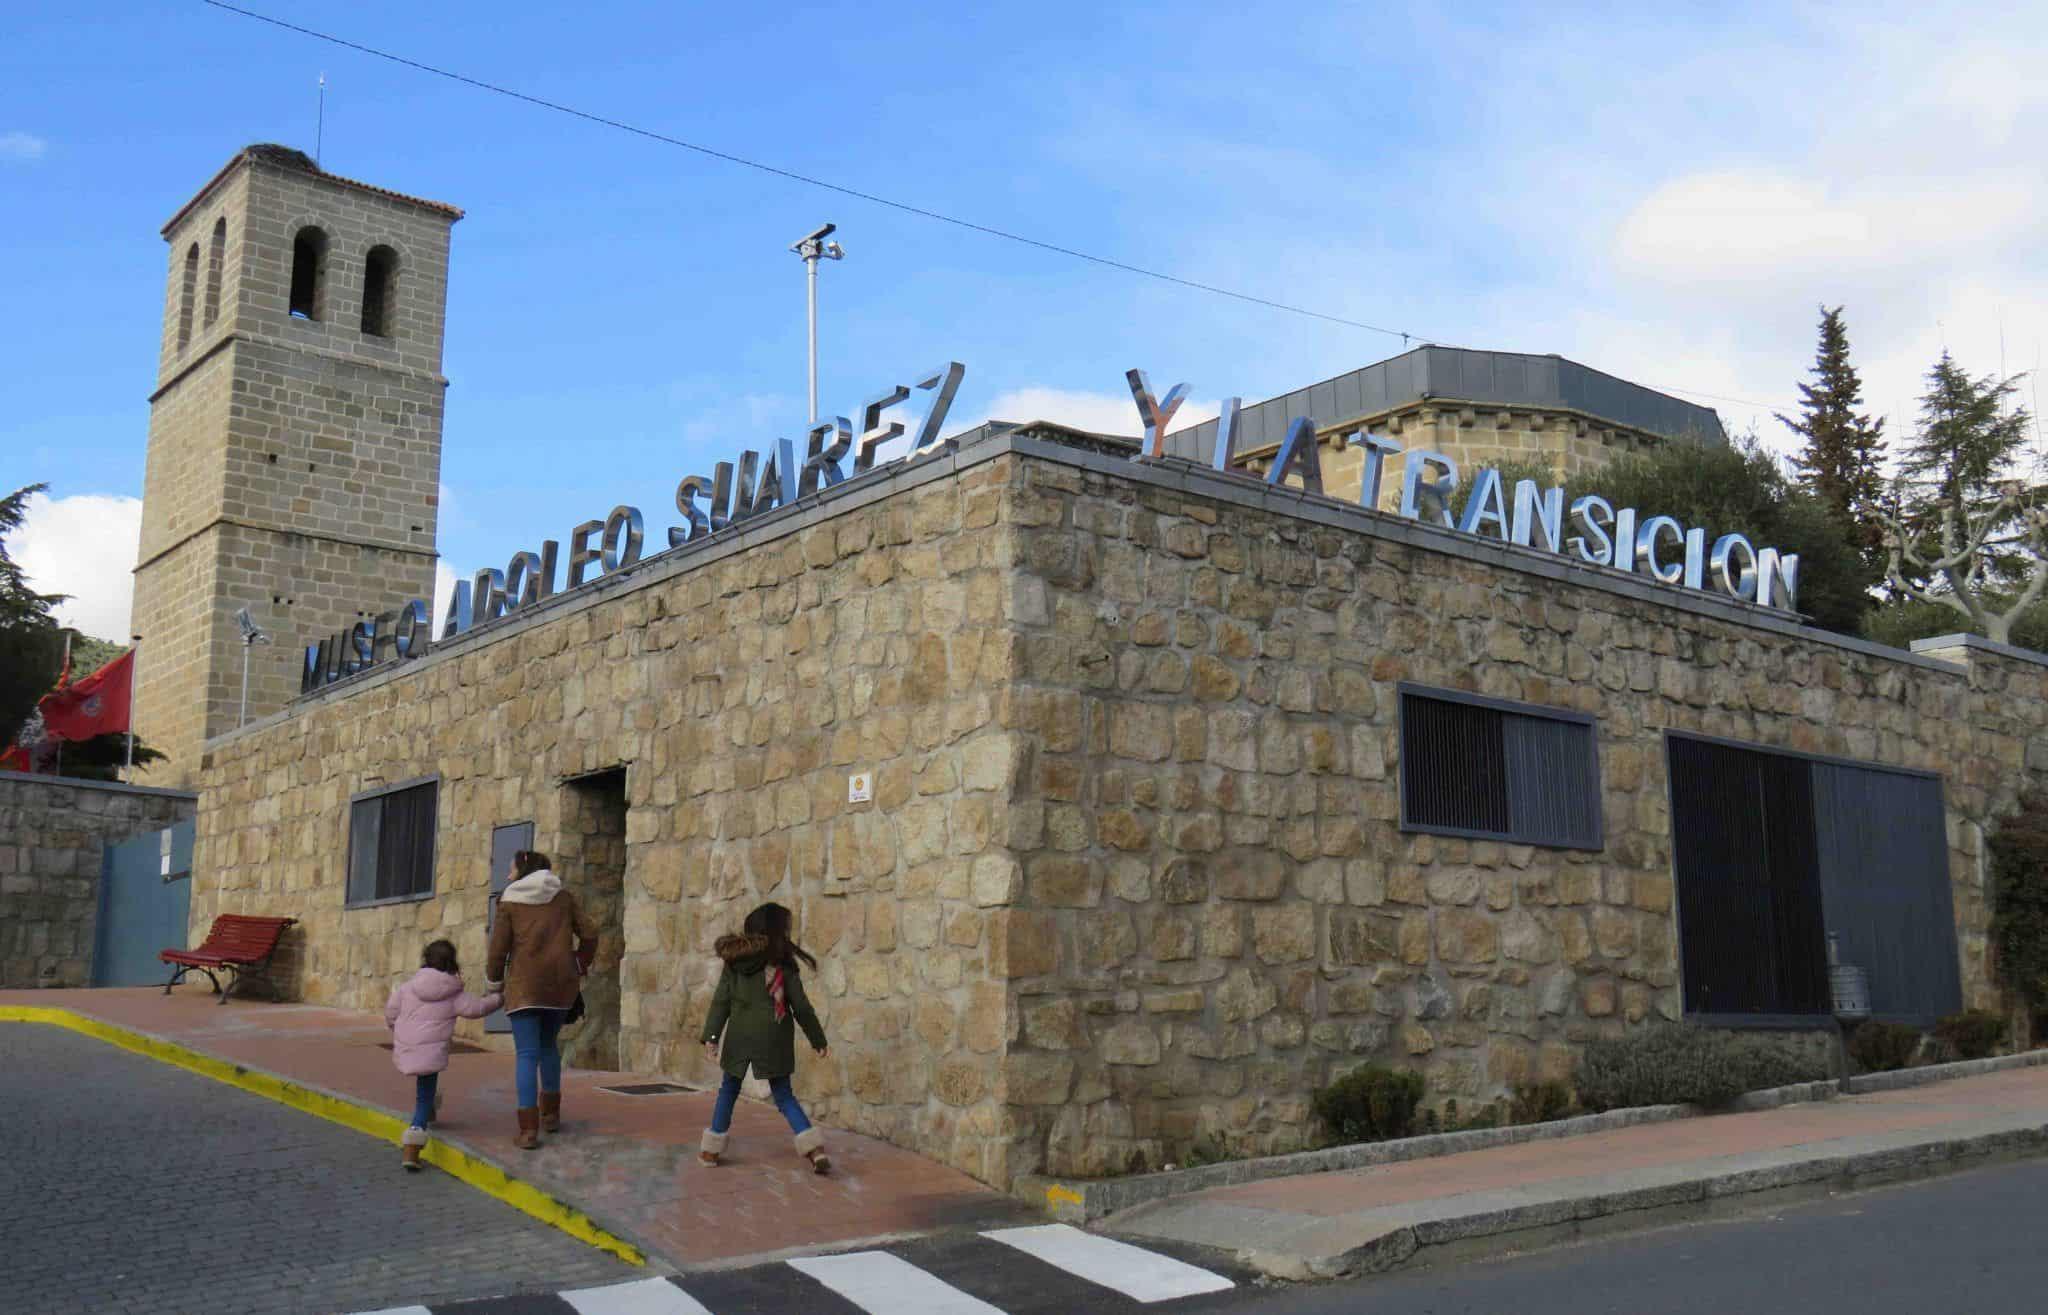 Museo Adolfo Suárez y Transición